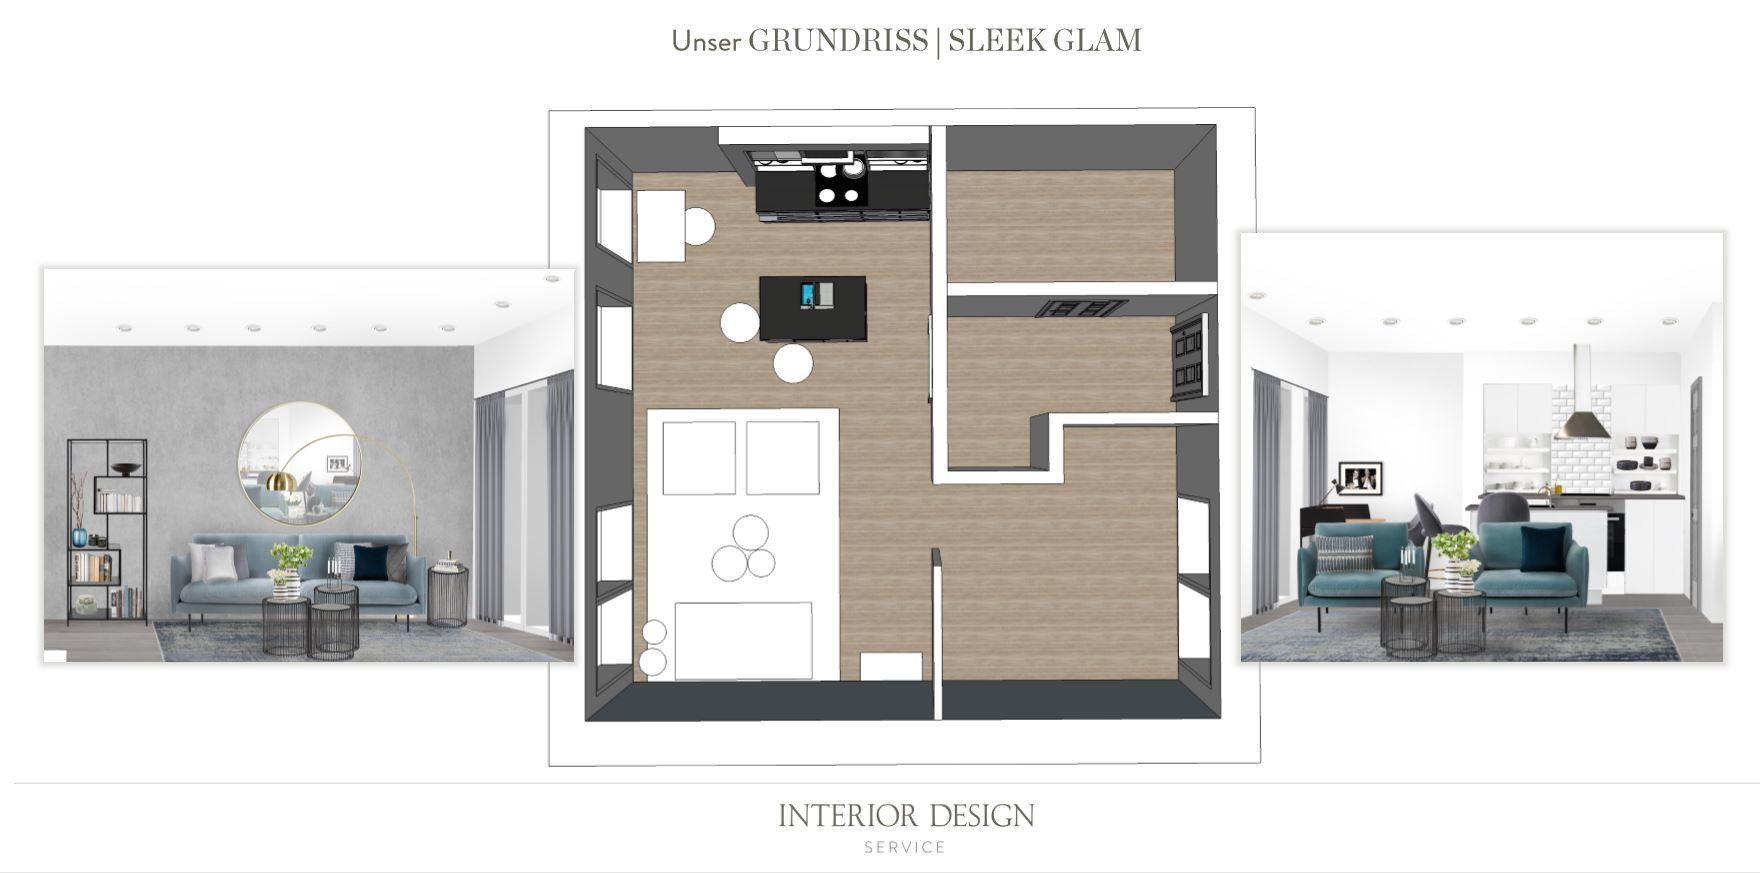 Wohnzimmer mit offener Kueche Grundriss